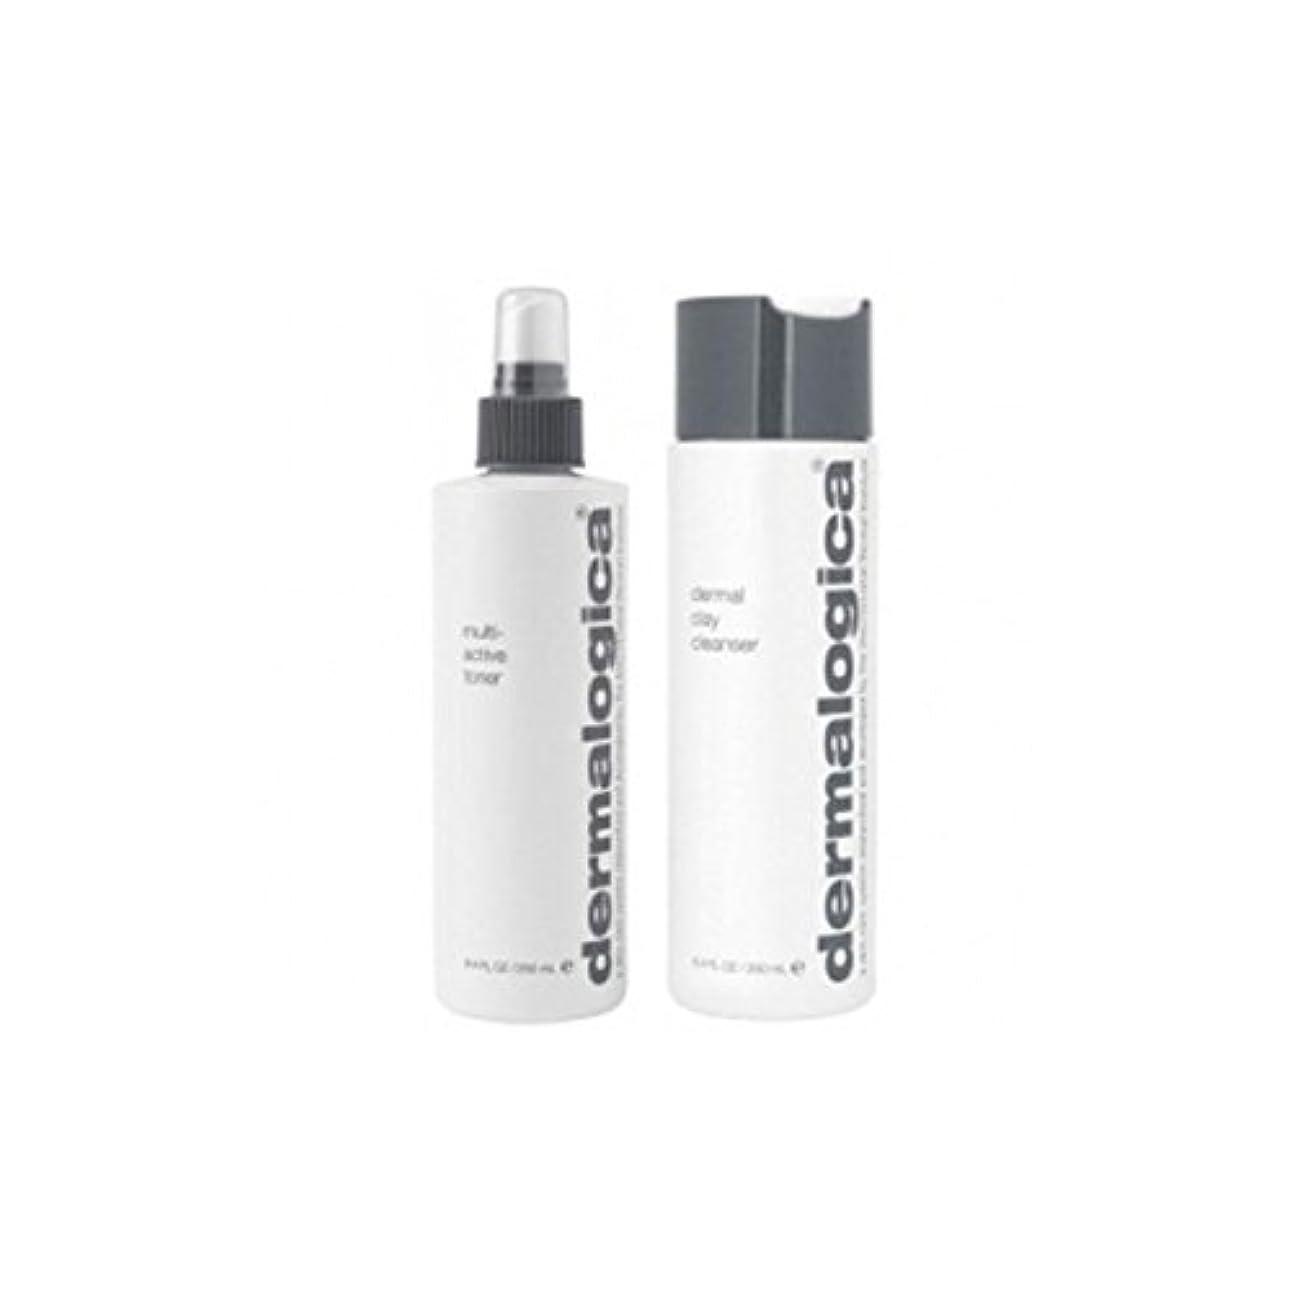 気付く洗剤スケッチDermalogica Cleanse & Tone Duo - Oily Skin (2 Products) - ダーマロジカクレンジング&トーンデュオ - 脂性肌(2製品) [並行輸入品]